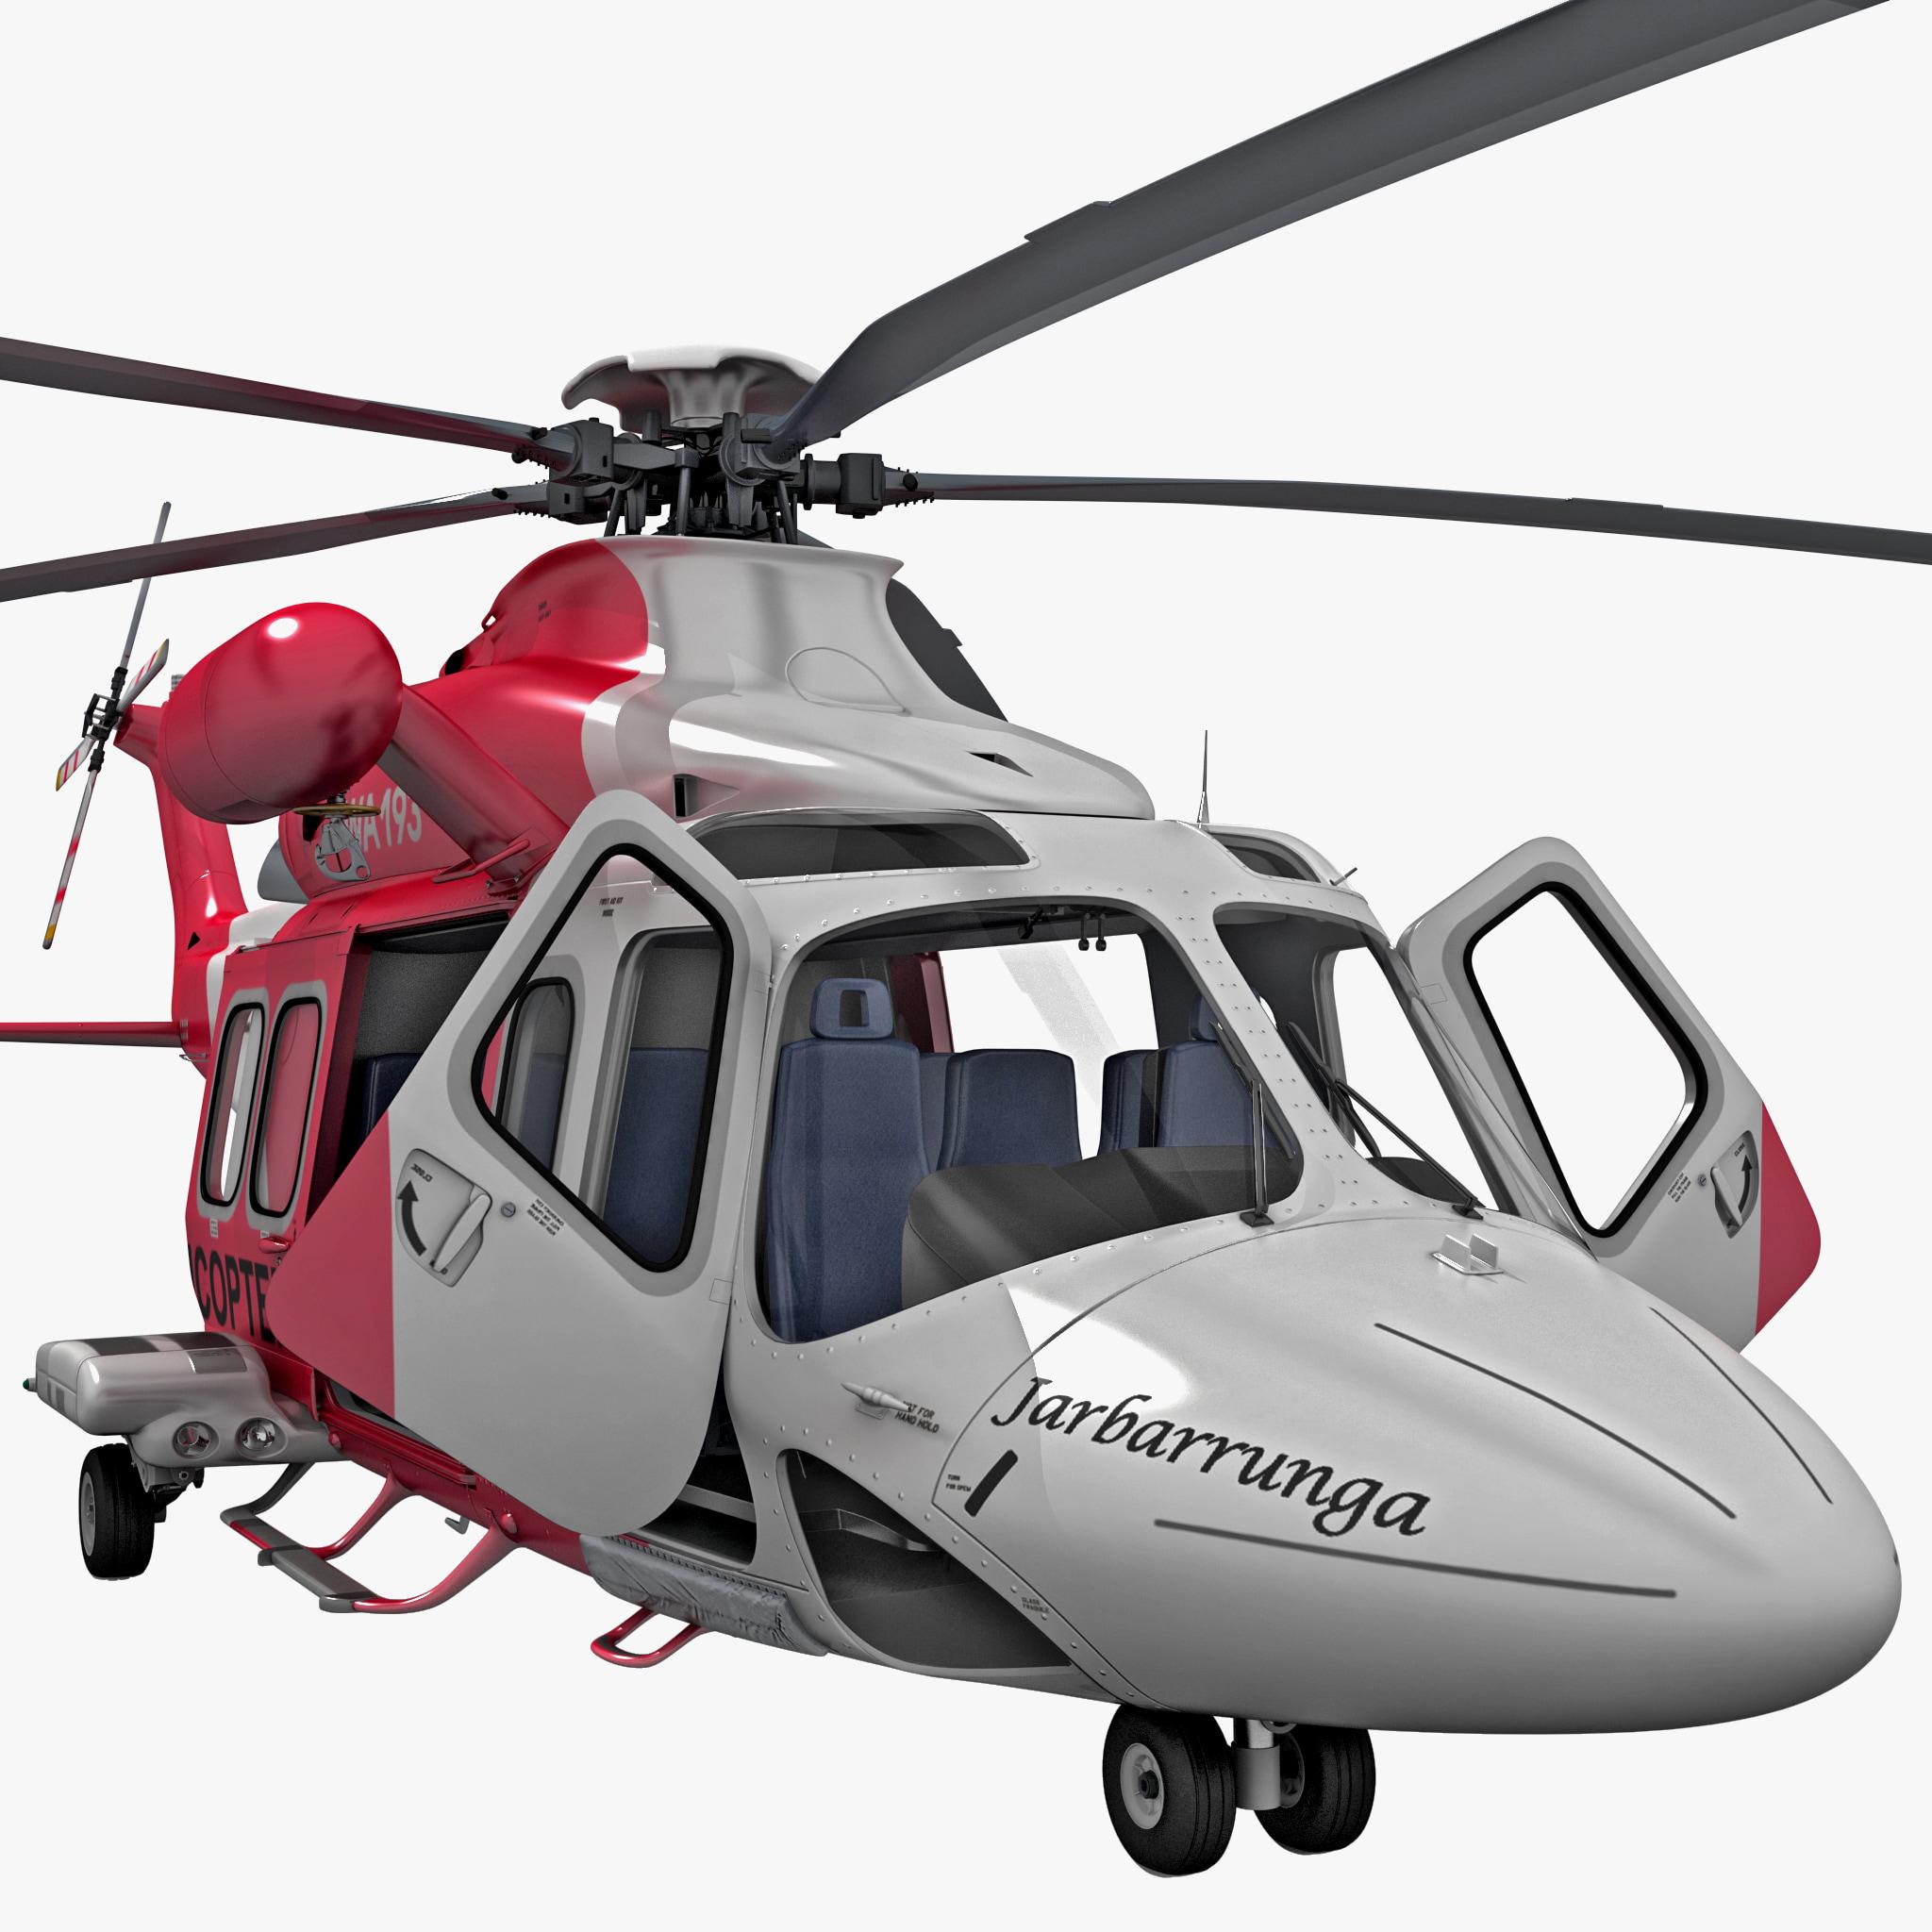 AgustaWestland AW139 Rigged_1.jpg